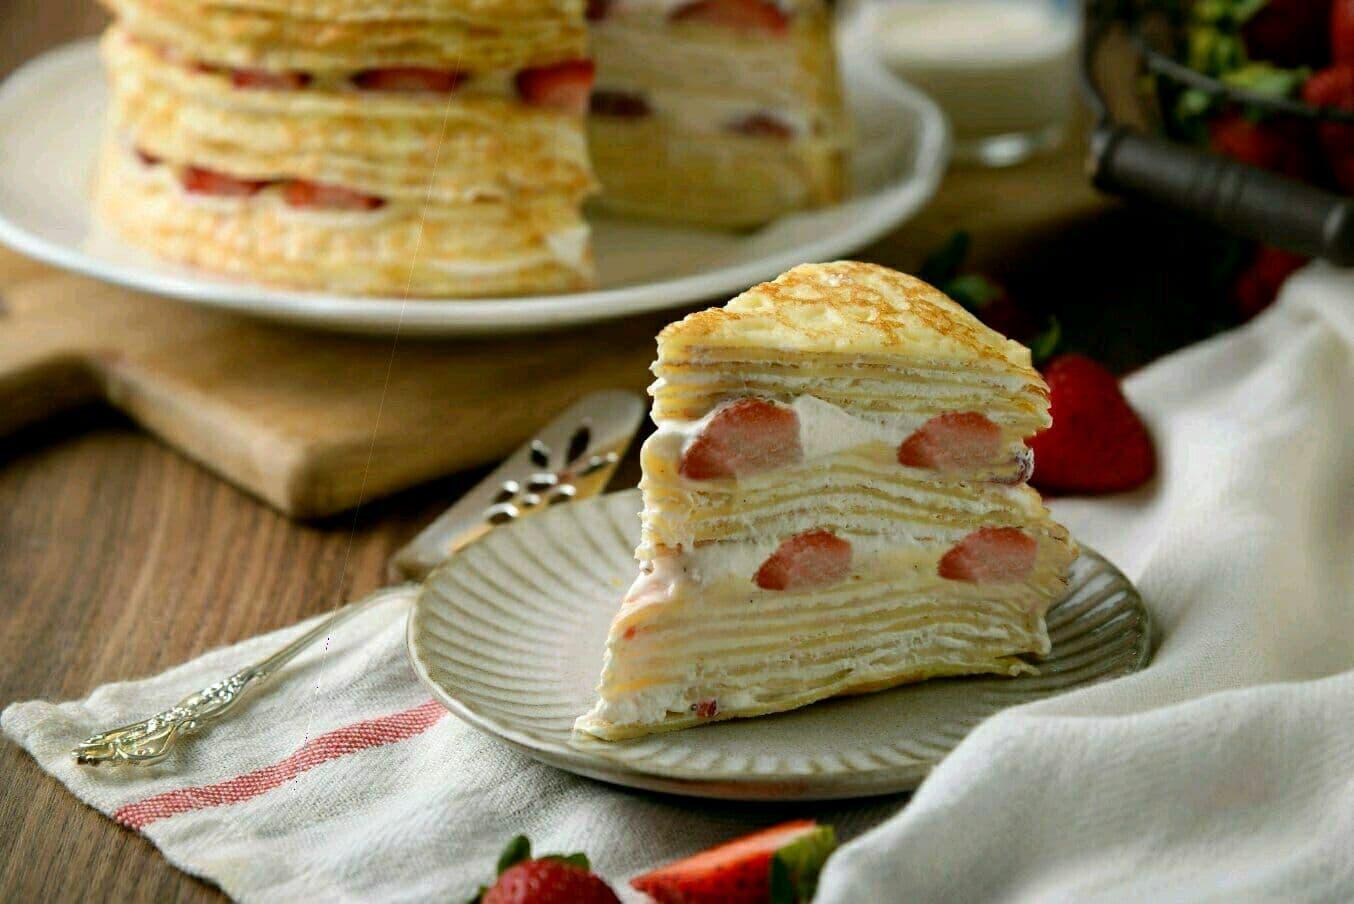 【 草莓千層蛋糕】 ⛄冬季限定❄️ 法式千層首選  6吋 3